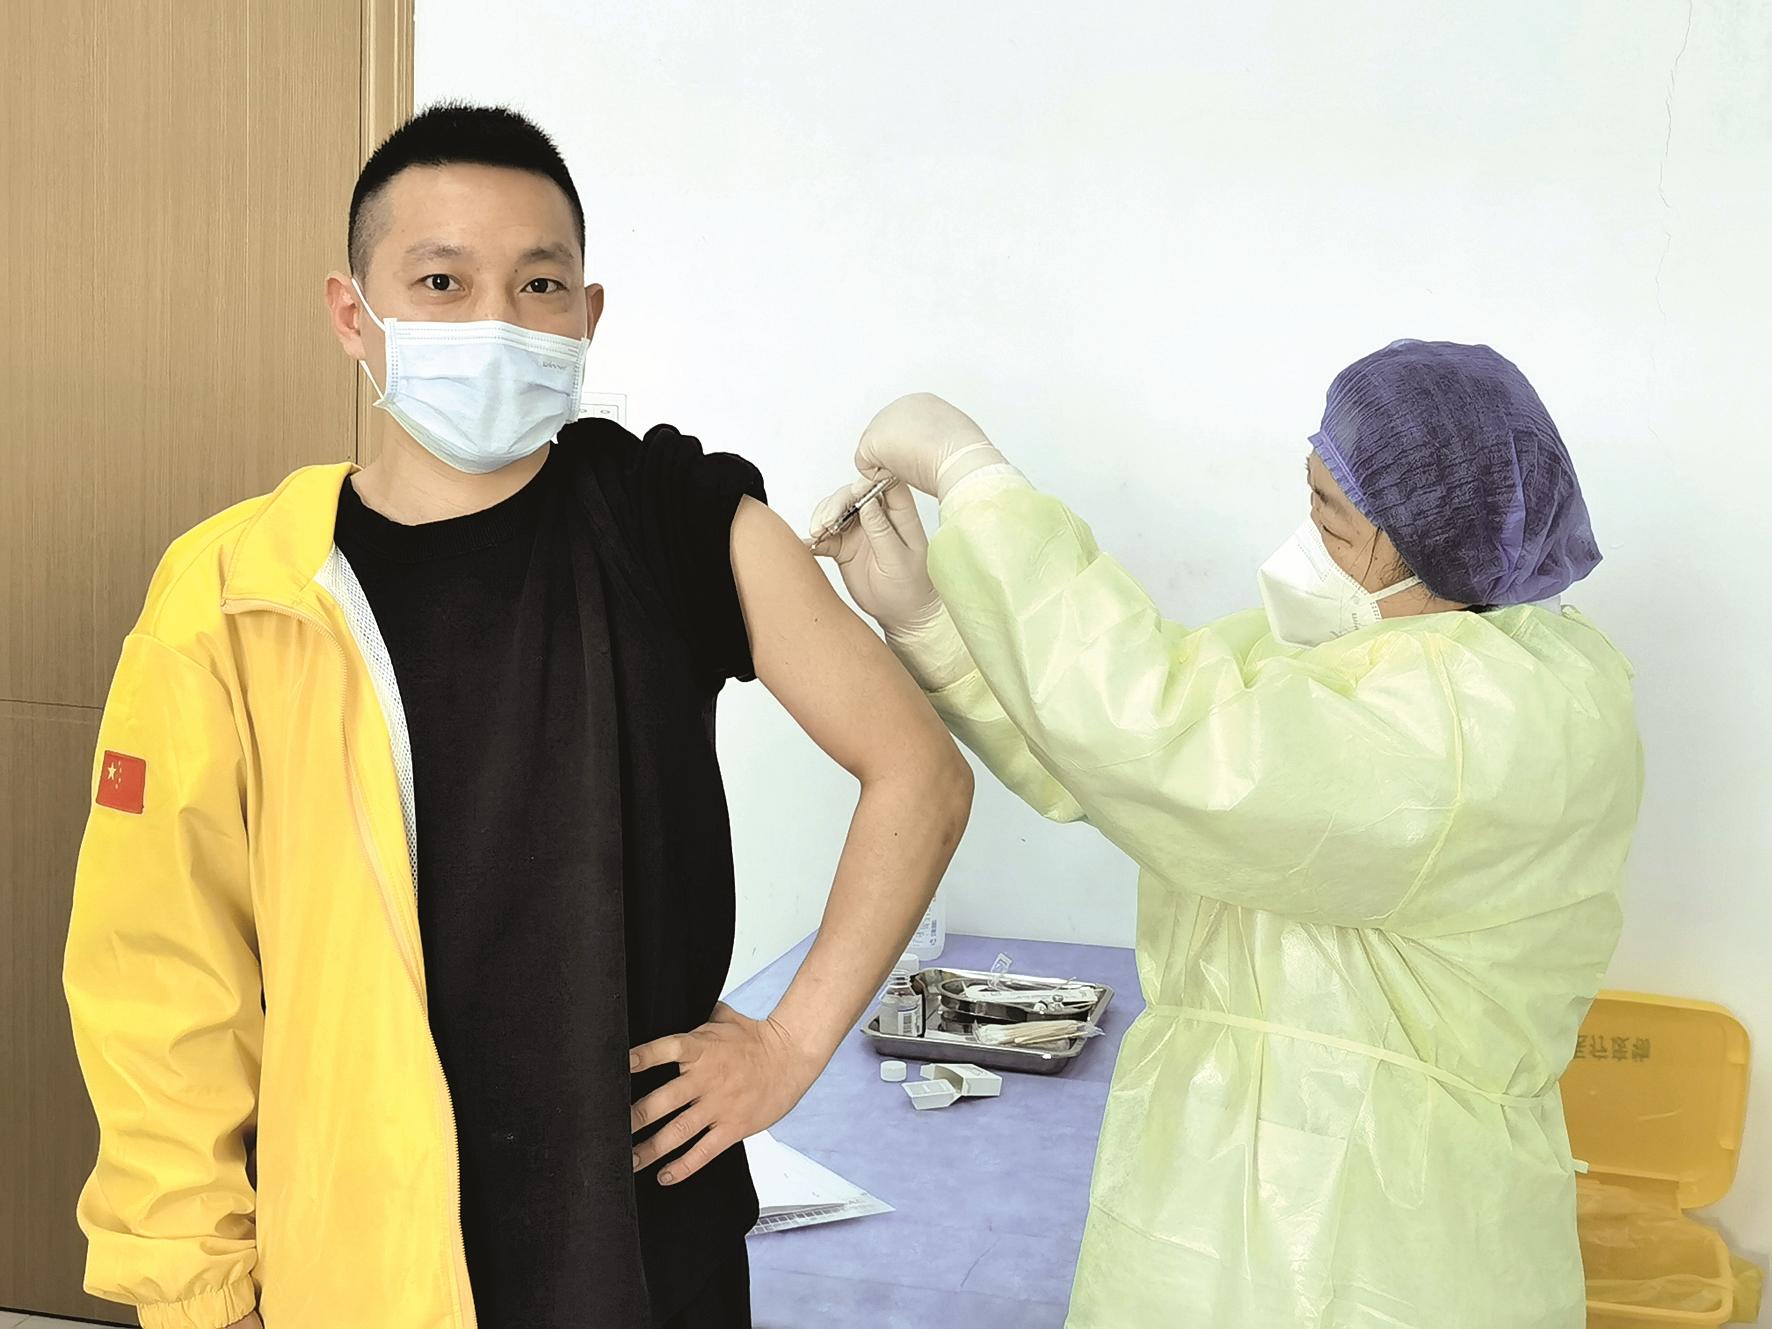 从接送医护到义务建方舱 从转运病患到以身试疫苗 志愿者向亚飞的N种抗疫角色